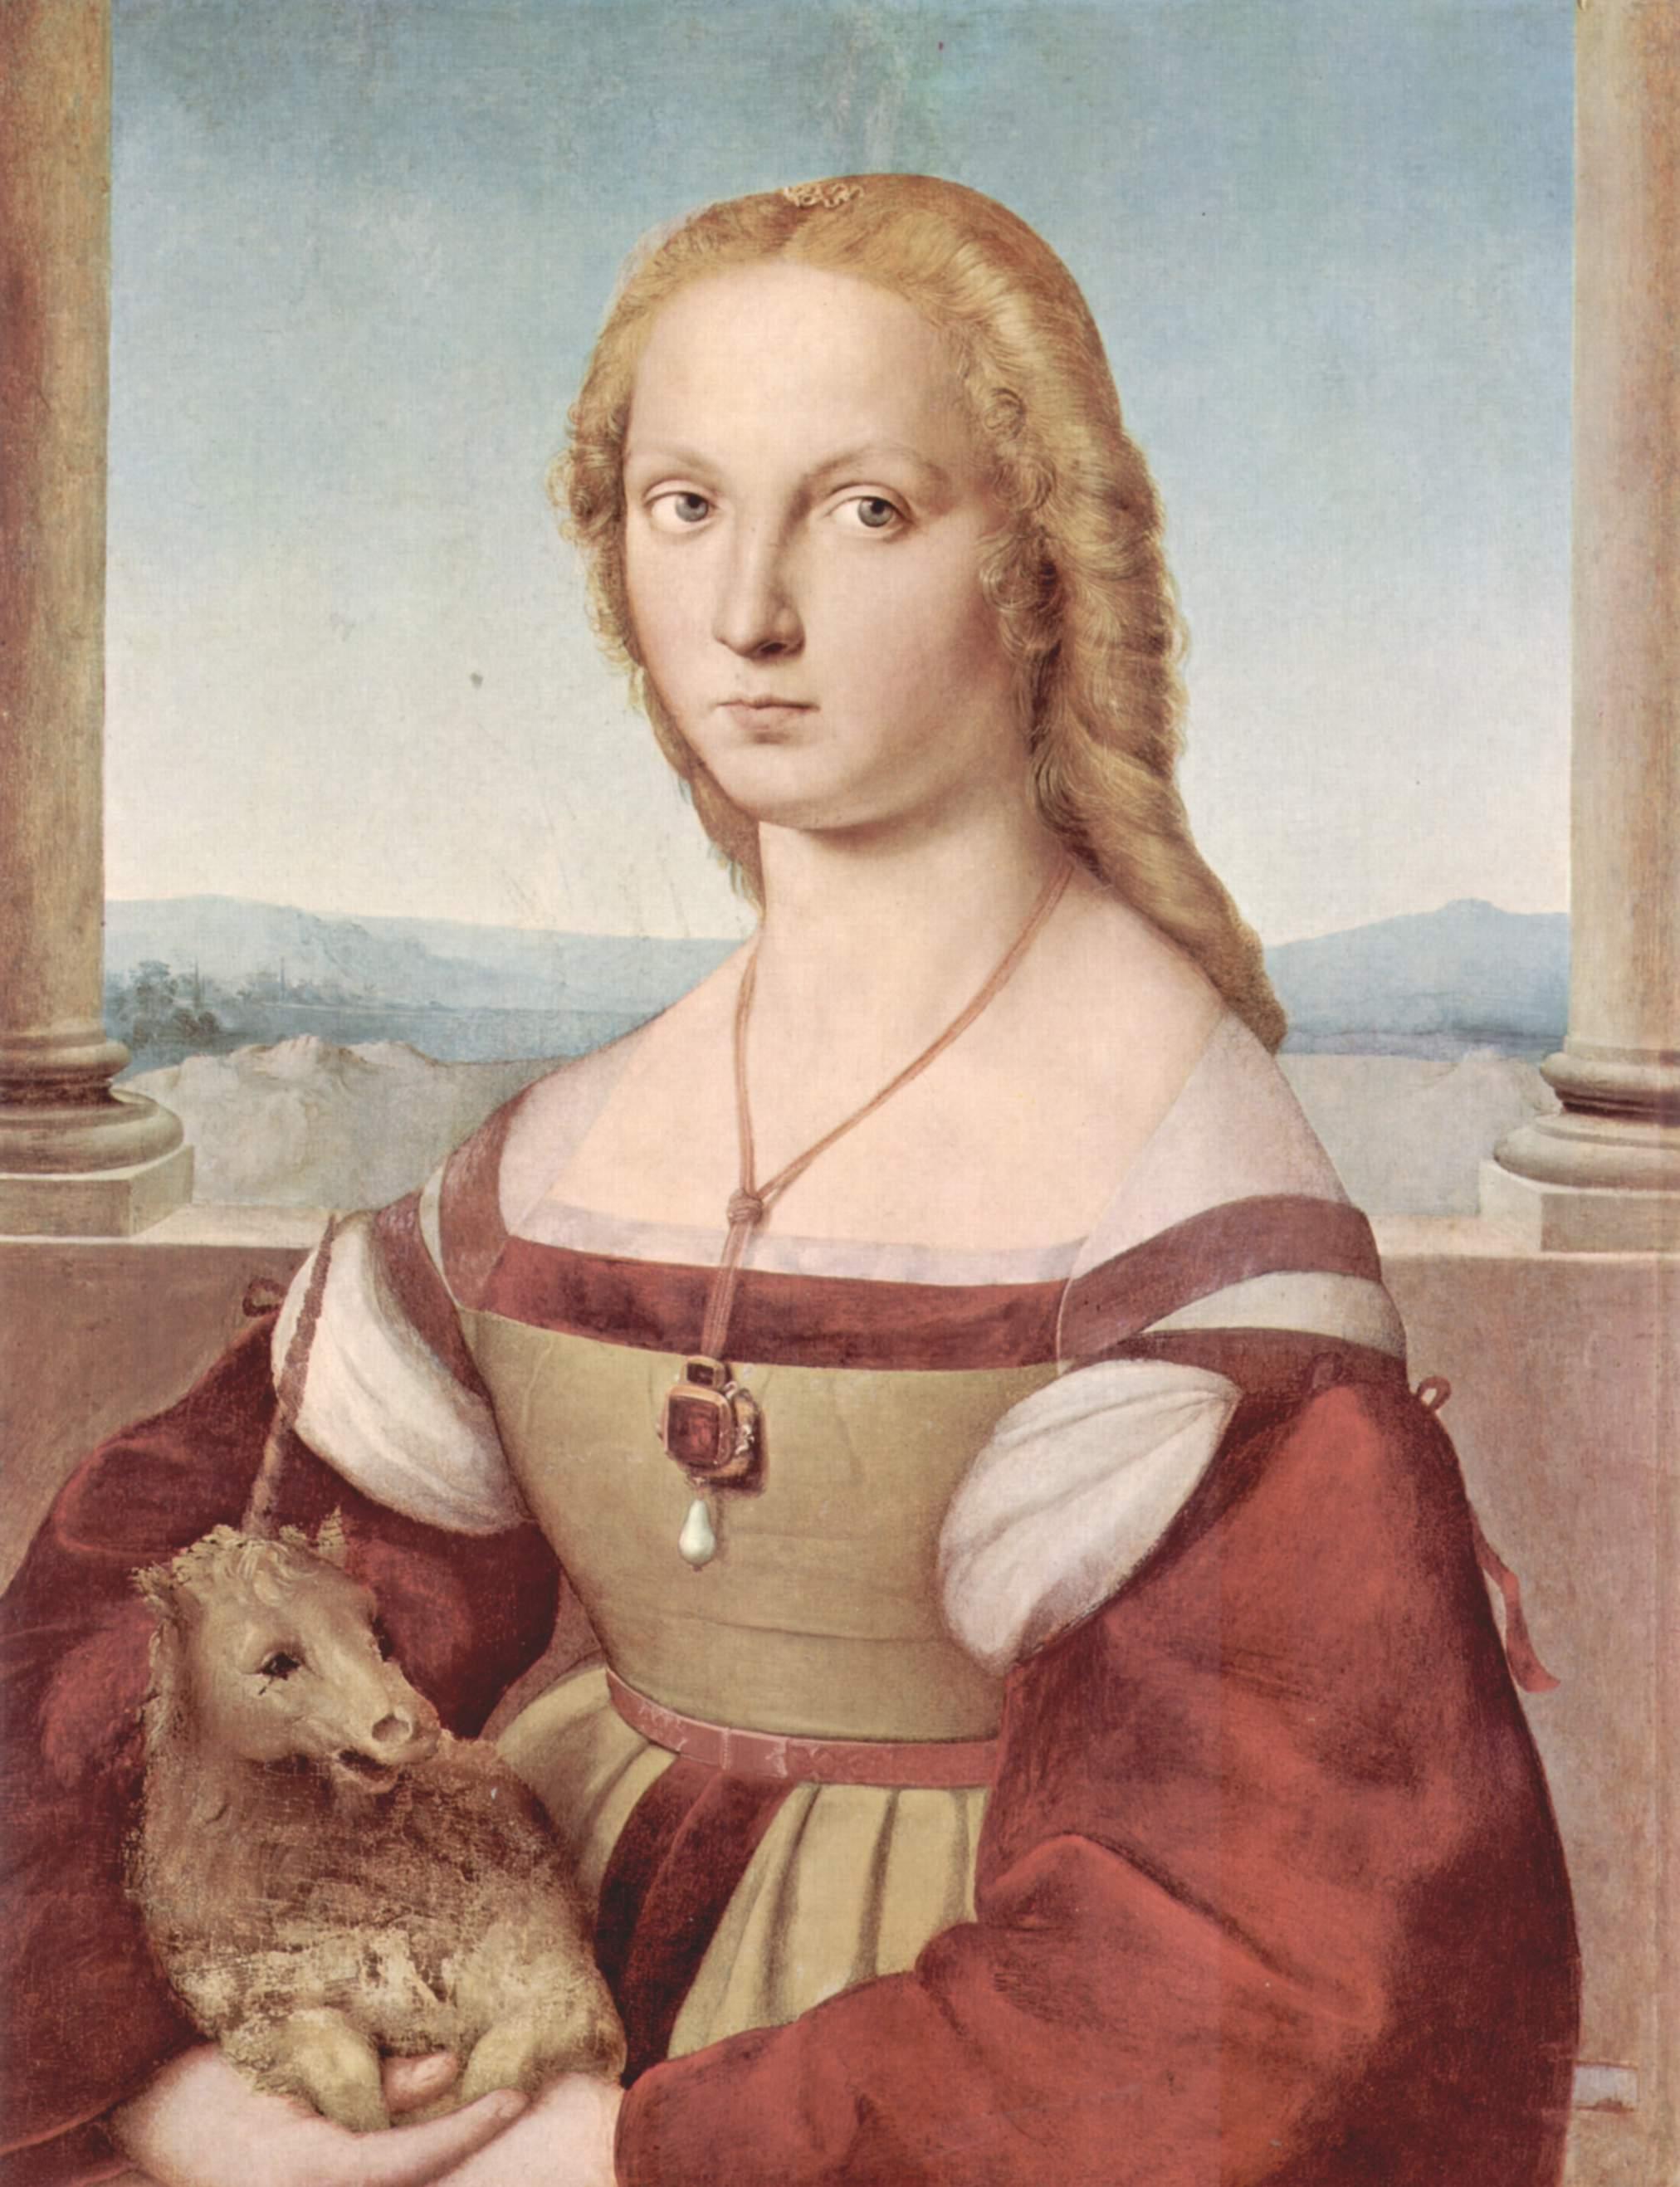 «Ung pike med enhjørning» av renessansekunstneren Raphael fra 1506 portretterer trolig St. Katarina av Alexandria. Enhjørningen symboliserte kyskhet og en lykkeønskning om et godt ekteskap. Bildet kan oppleves i Galleria Borghese i Roma. | Foto: Wikimedia Commons